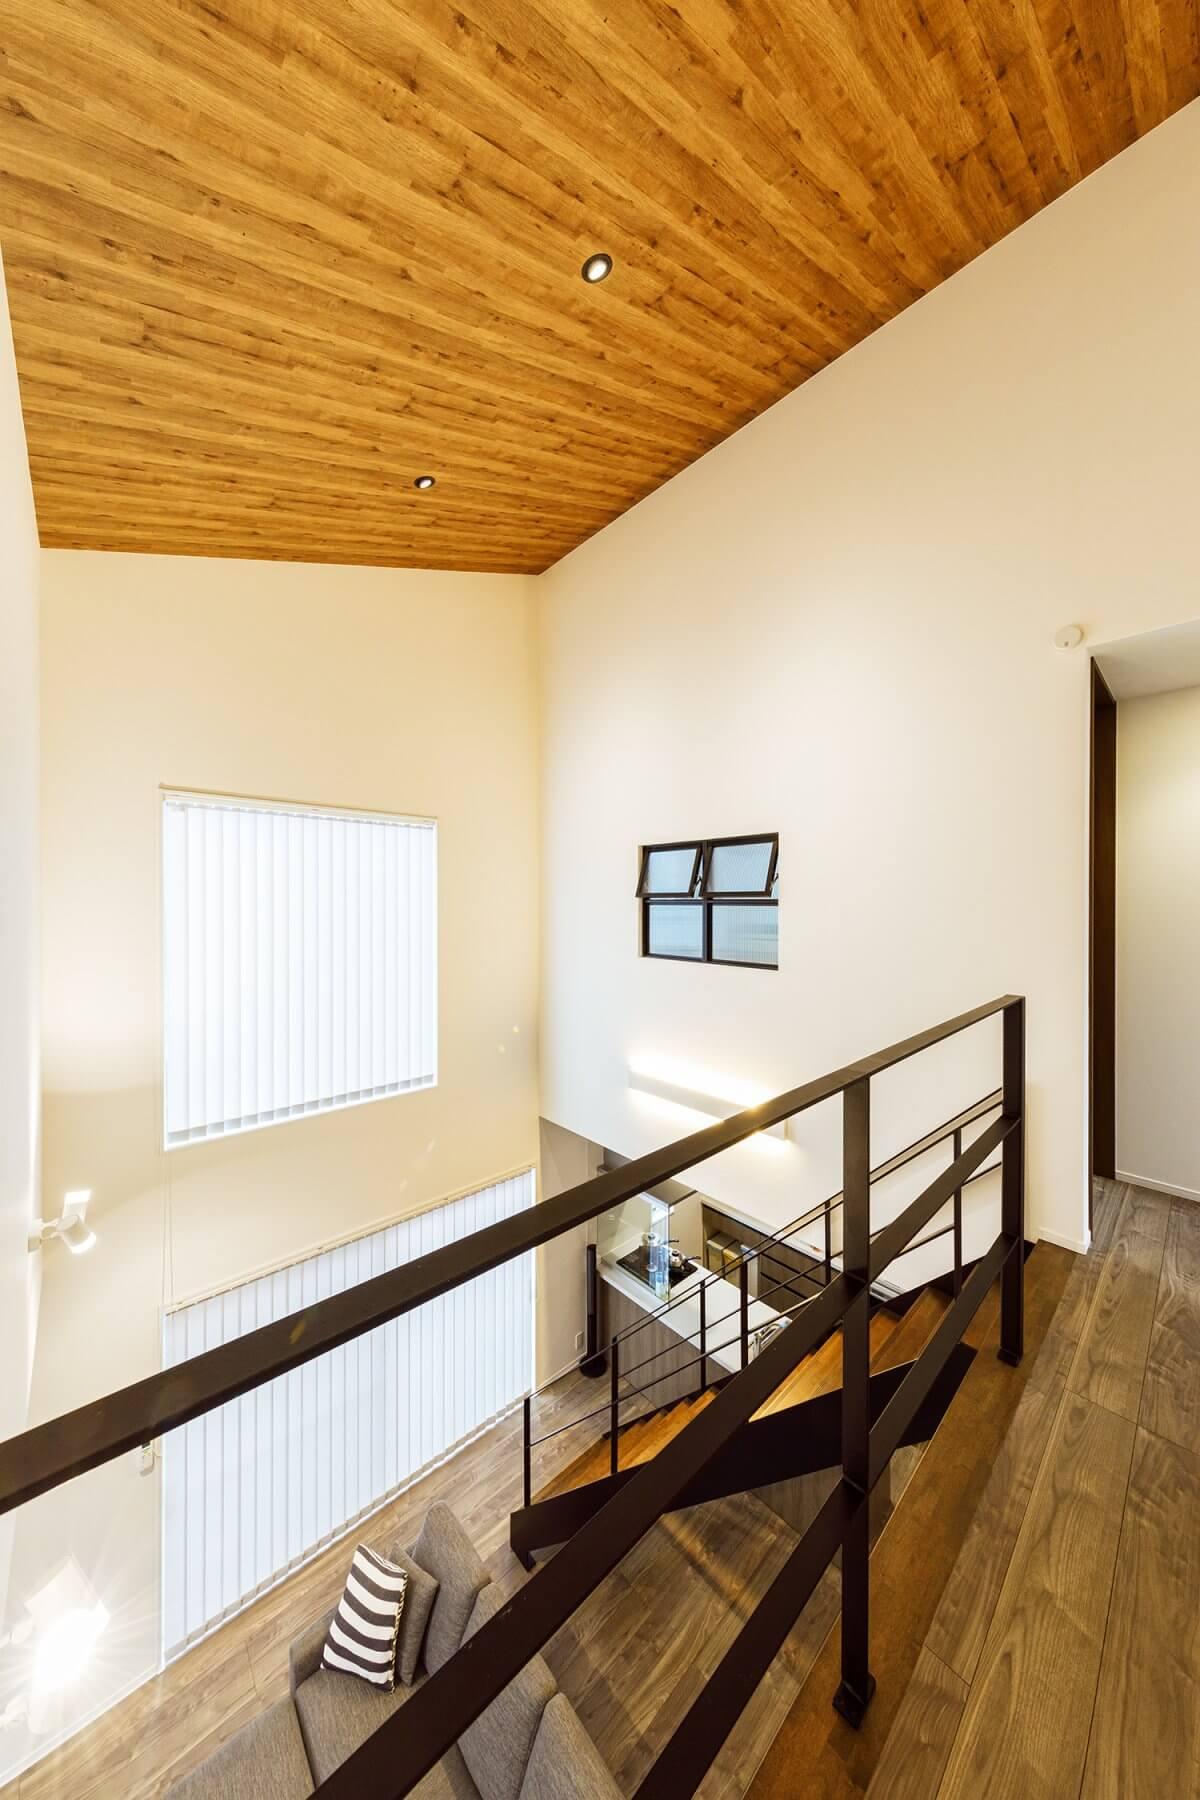 2階の廊下から見た様子。勾配天井には木目調のアクセントクロスを採用。階段の踏み板のトーンとコーディネートしました。